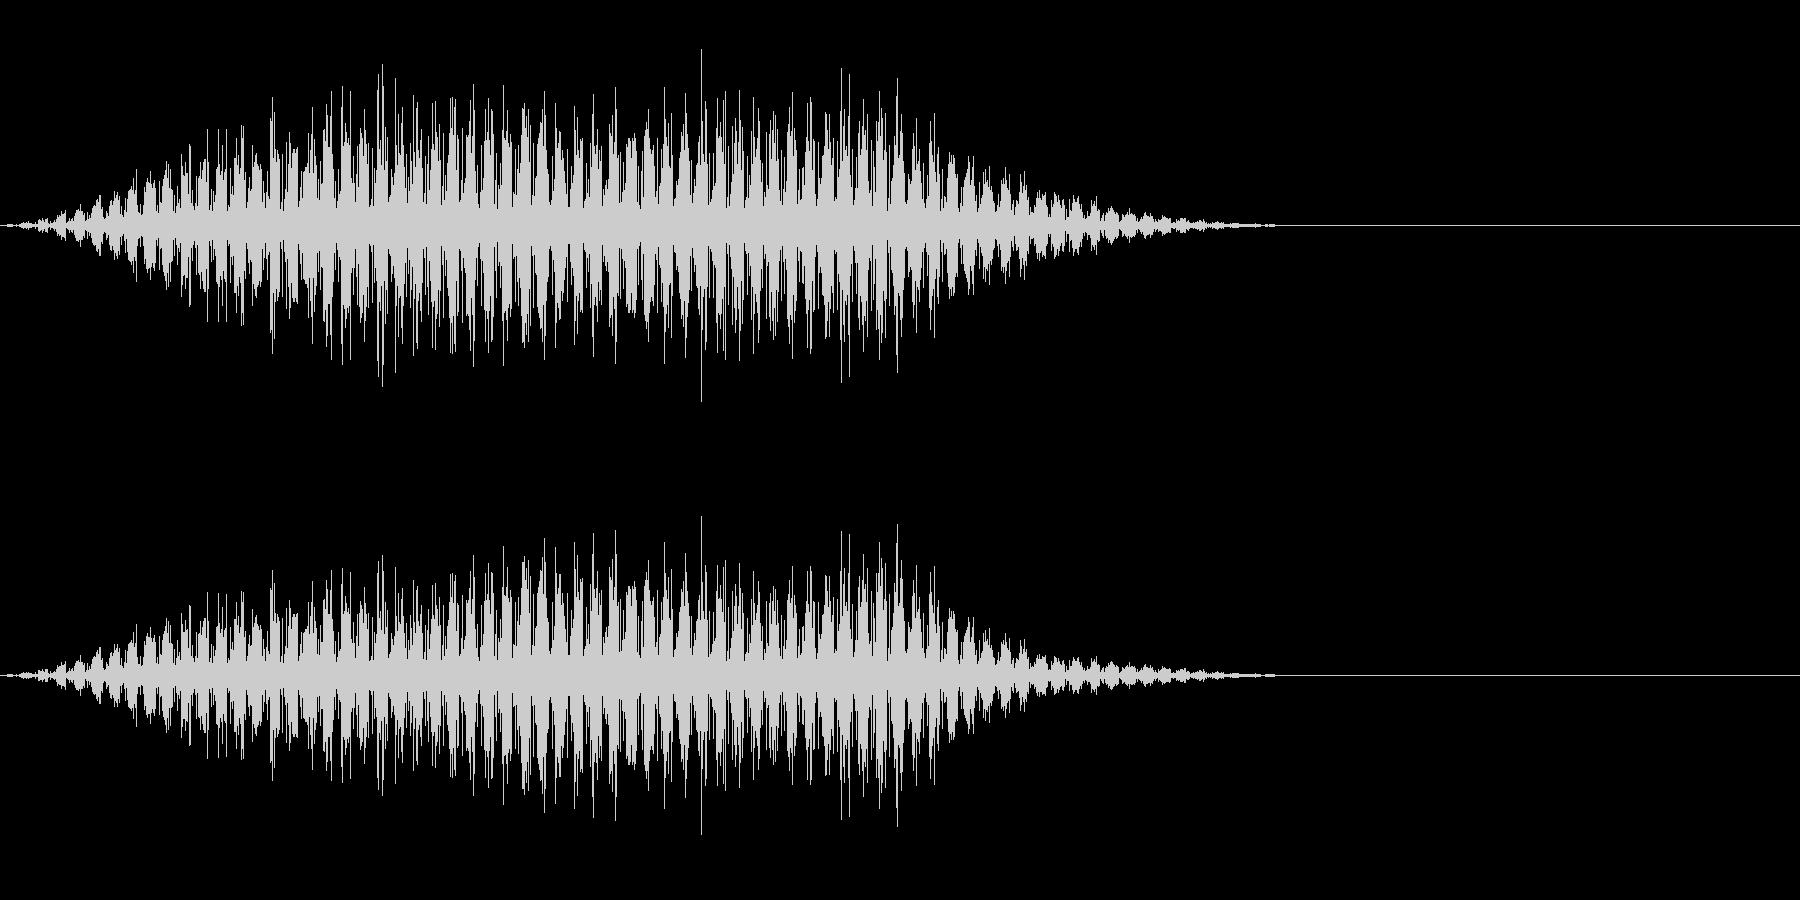 虫の羽音(ブーン/モンスター/飛ぶ)_4の未再生の波形